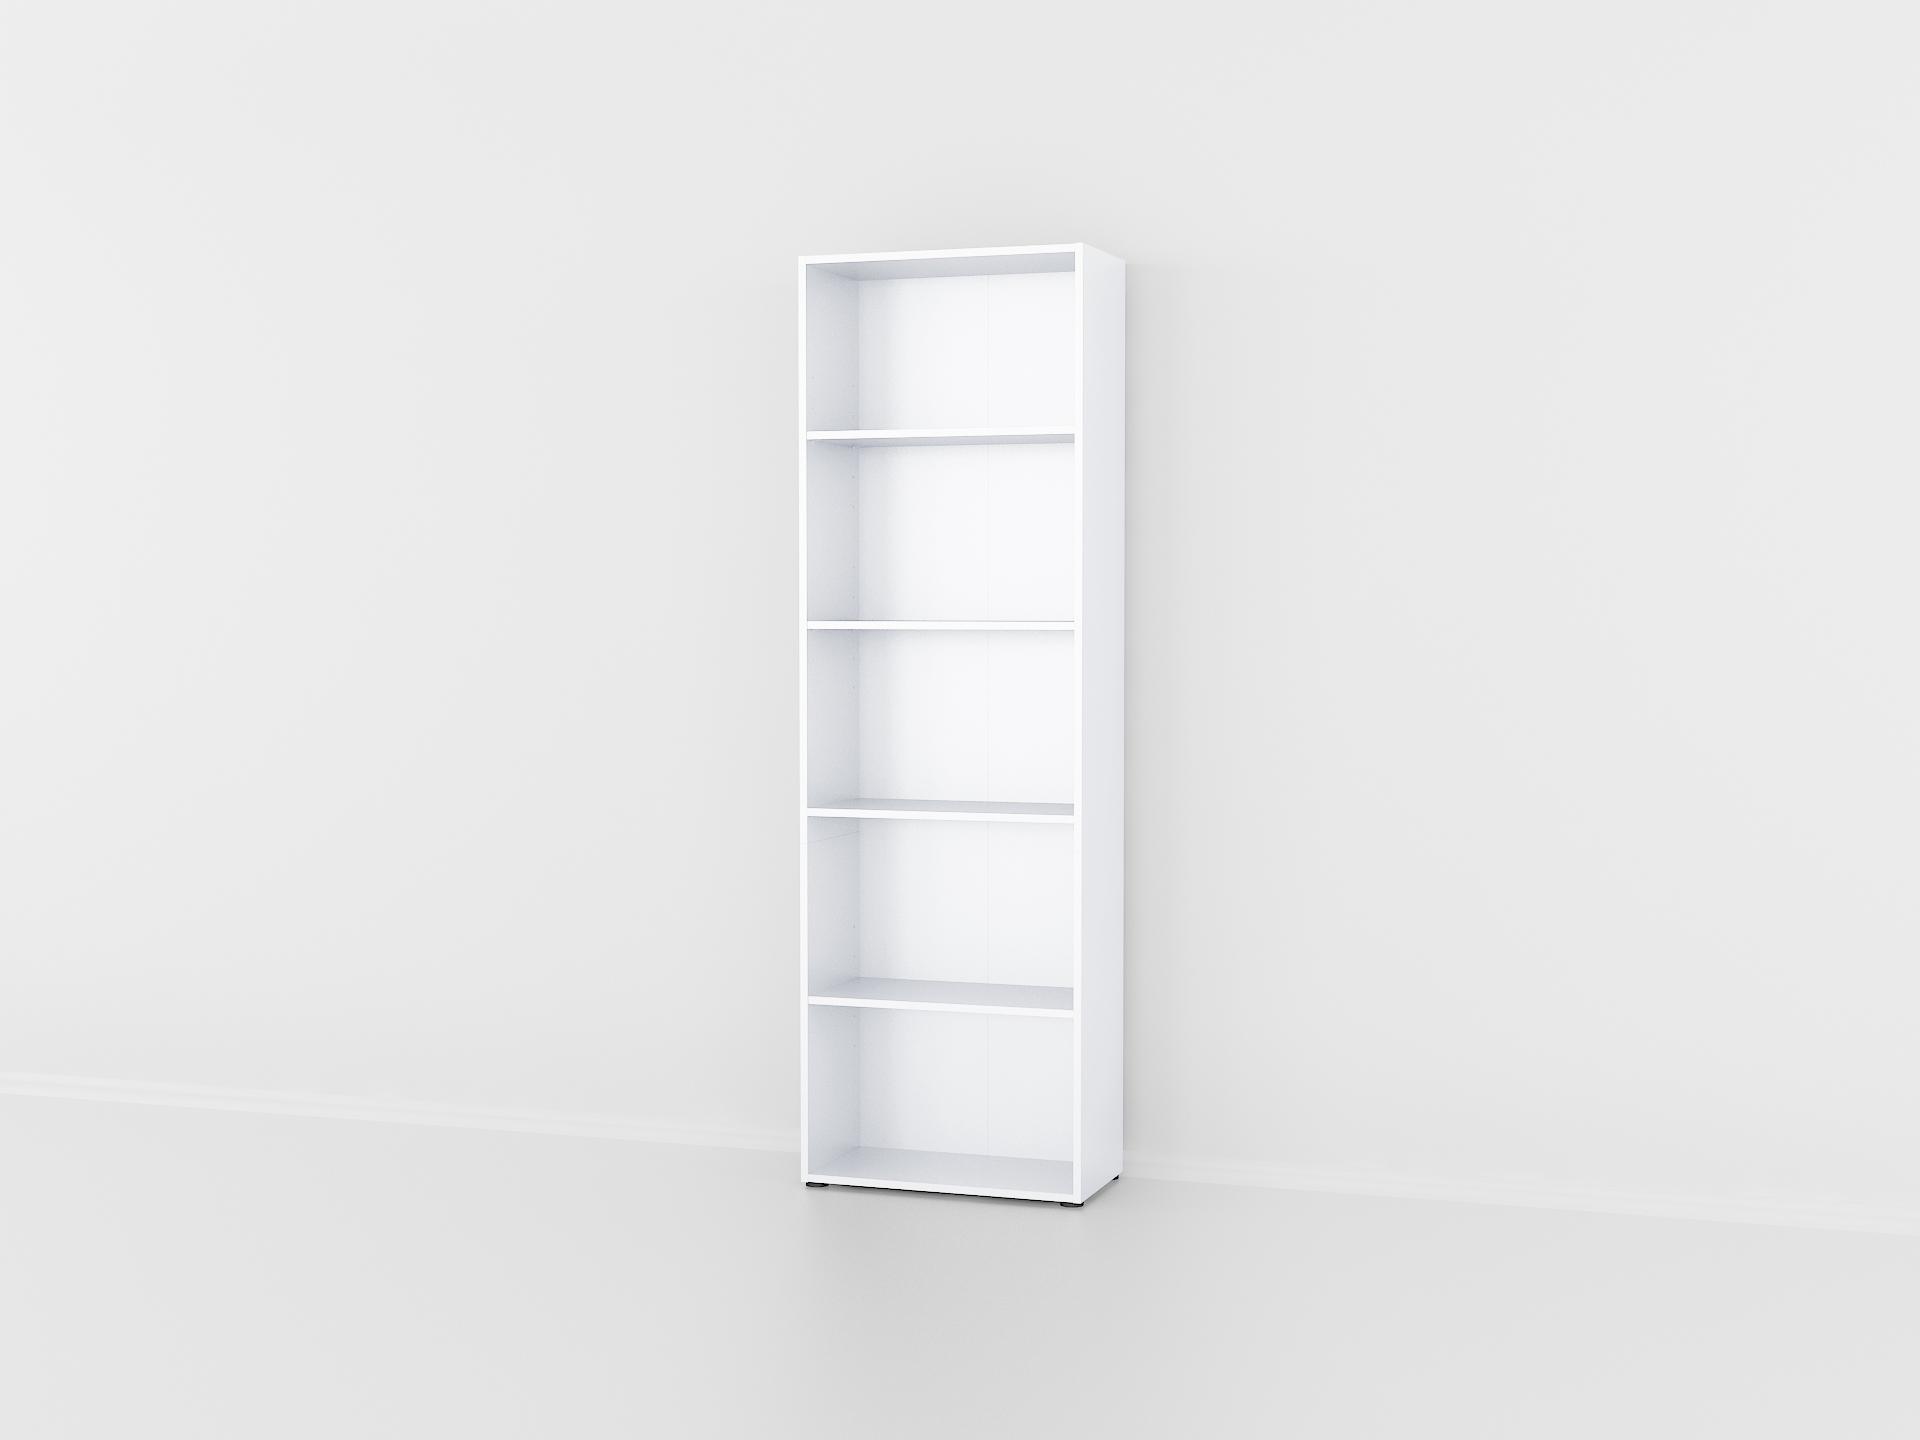 Стеллаж для дома с задней стенкой из ДСП Белый (P0077B)